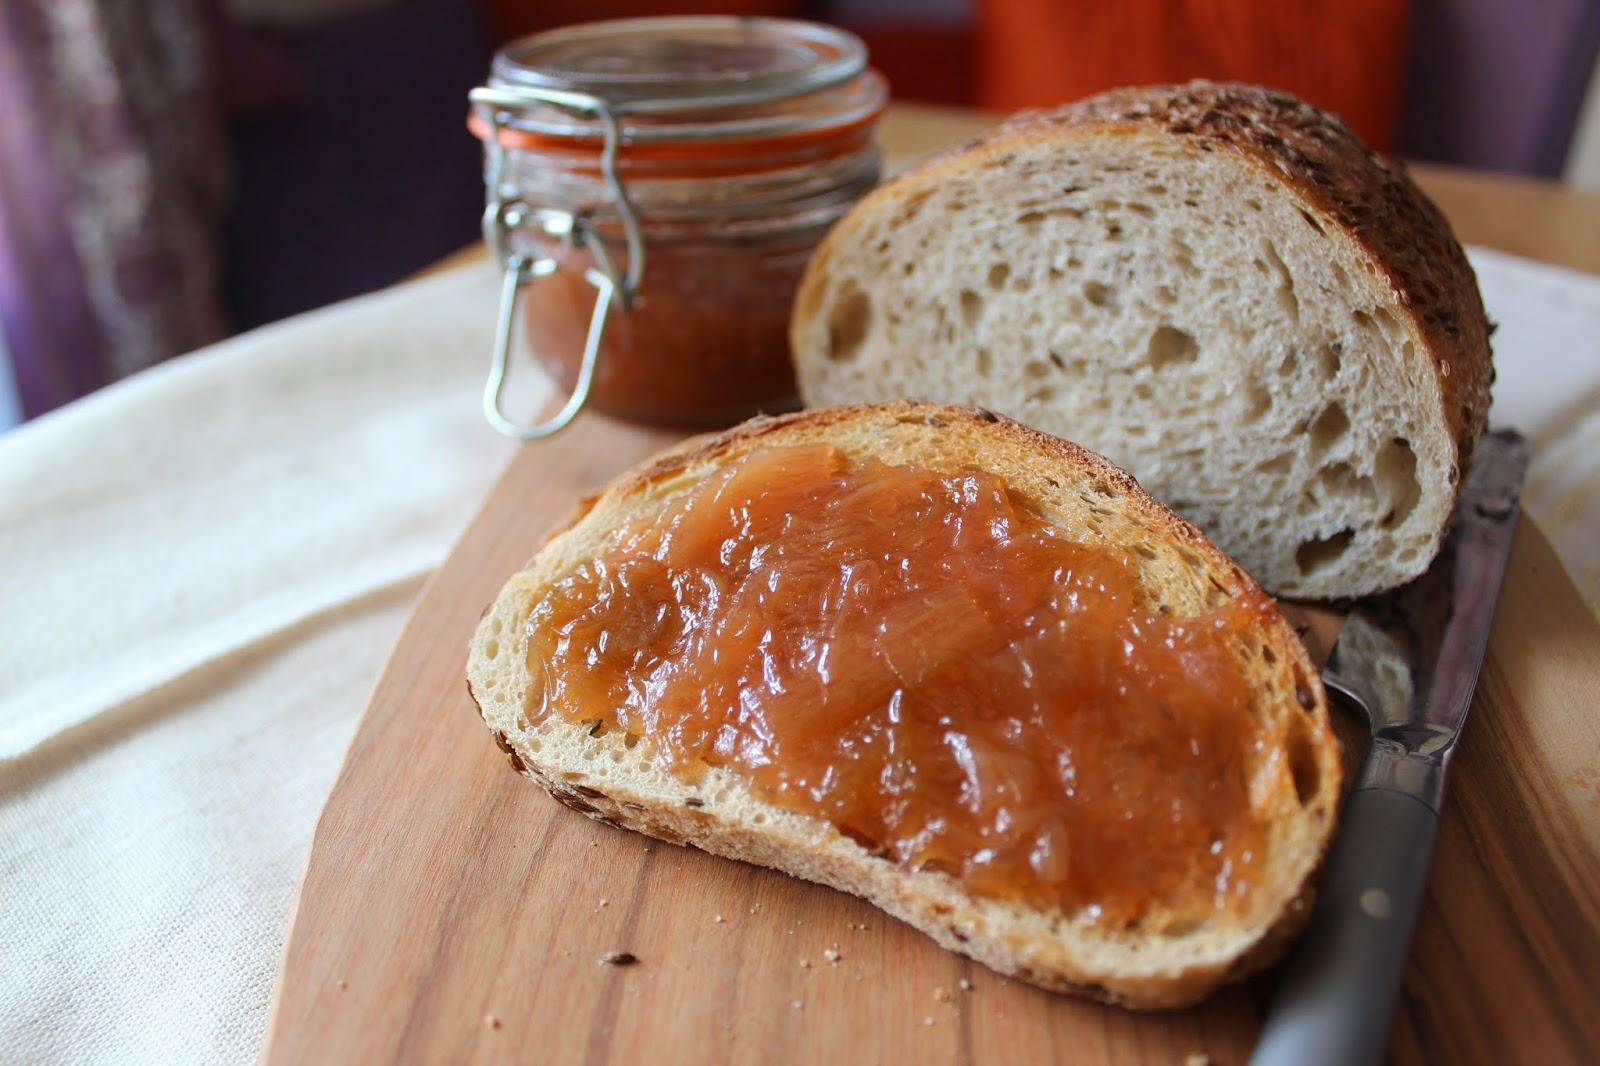 Rhubarb-Ginger Jam // Runaway Apricot